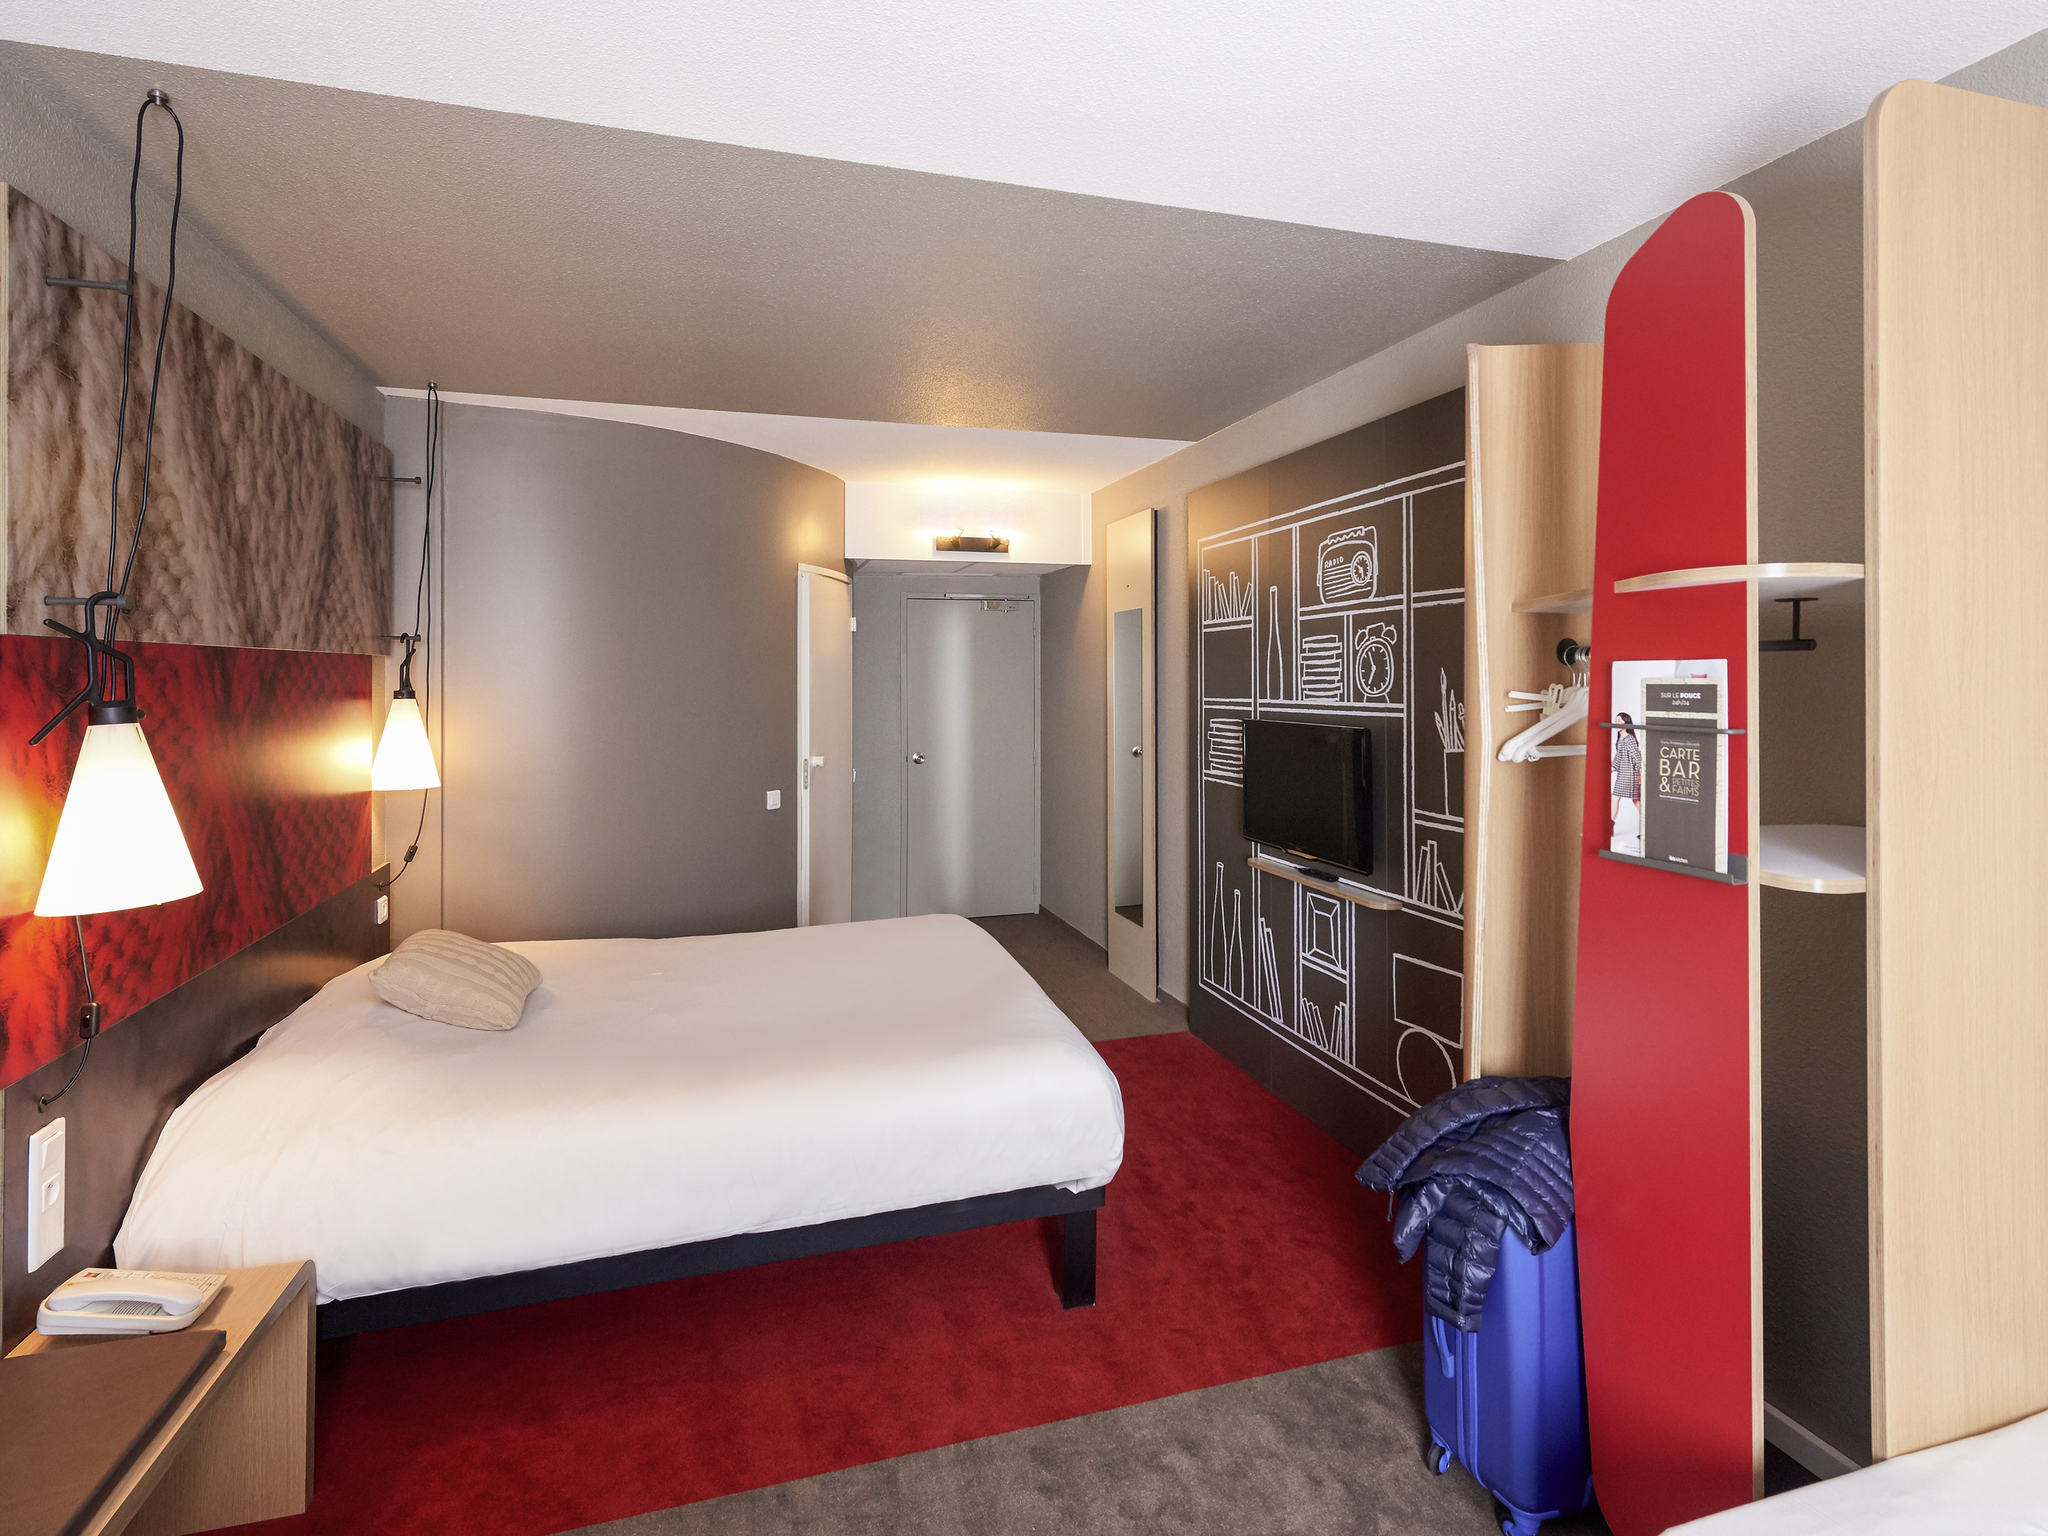 h tel cholet ibis cholet. Black Bedroom Furniture Sets. Home Design Ideas